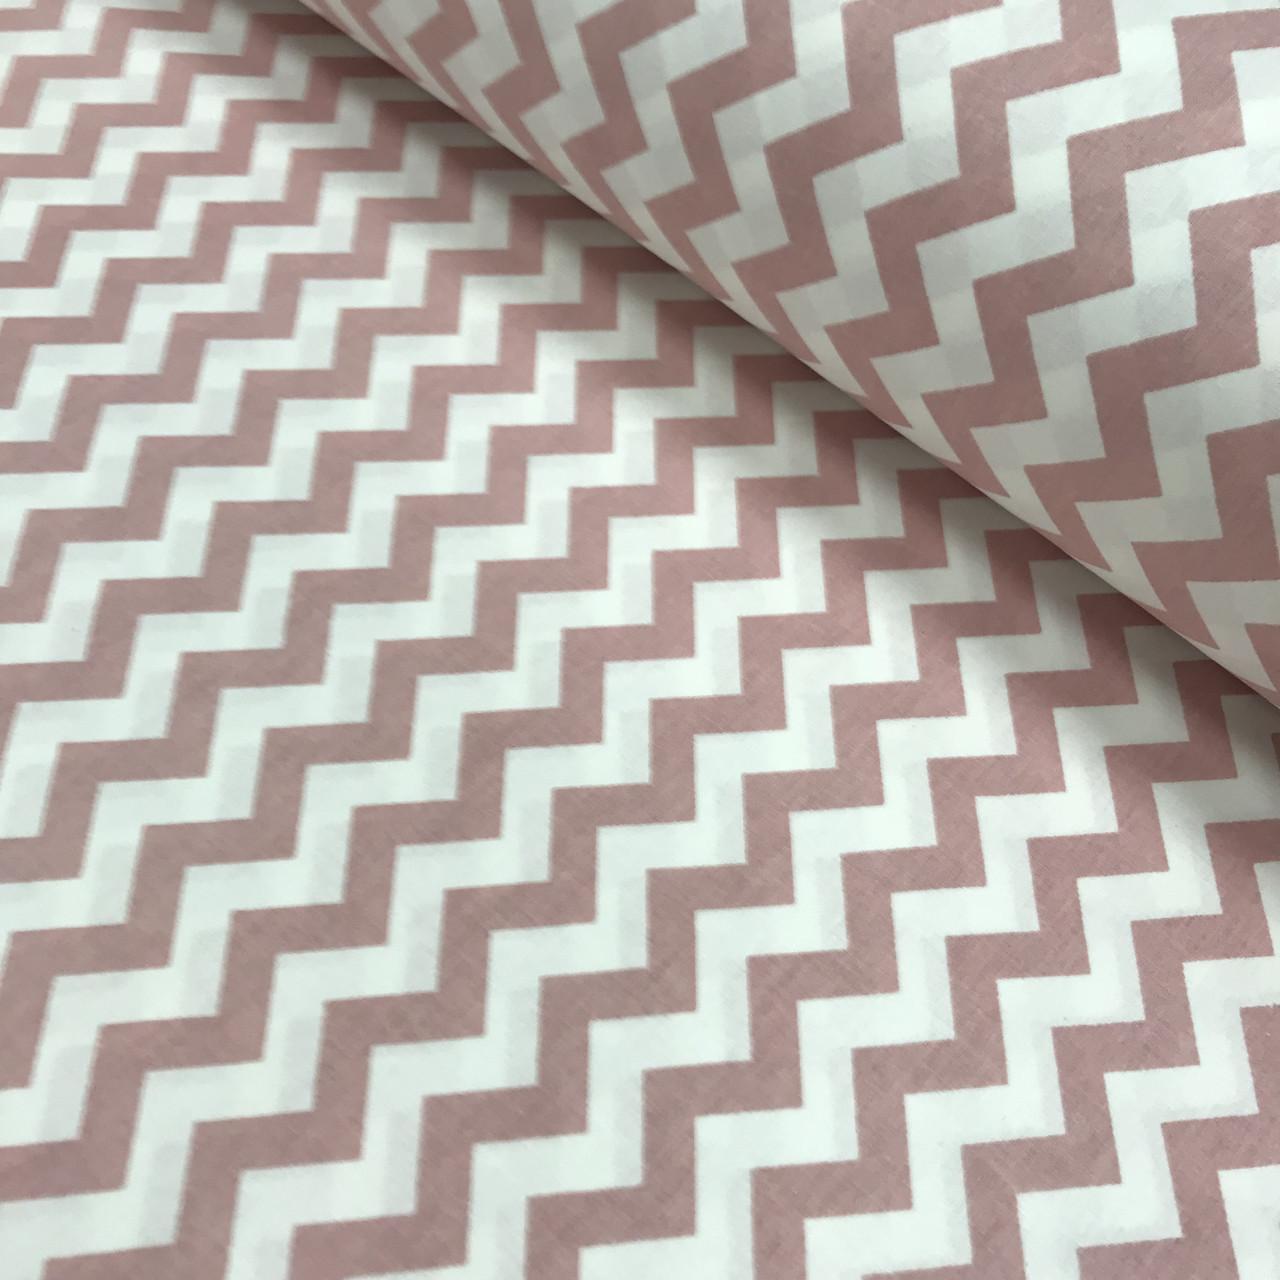 Ткань поплин зигзаг розово-пудровый на белом (ТУРЦИЯ шир. 2,4 м) № 33-15 ОТРЕЗ( 0,45*2,4)